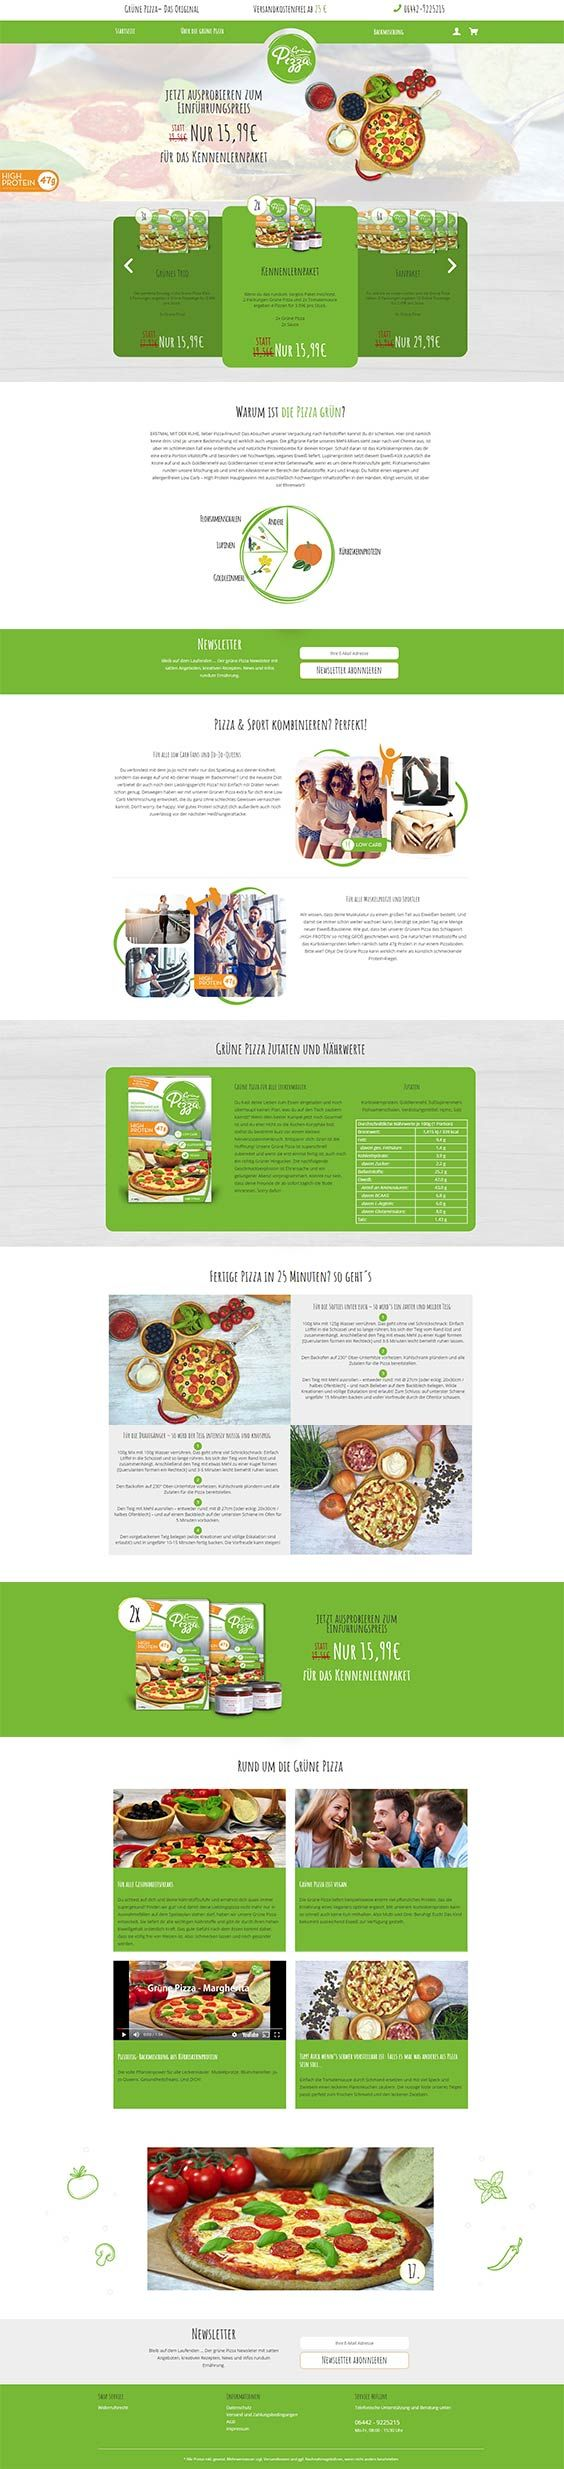 #ShopwareDesign #ShopwareTheme #ShopwareShop #eCommerce #eCommerceSoftware #eCommerceplatform #Onlineshop #Food #vegan #Blog #Template #Recipes #gruenepizza #highprotein